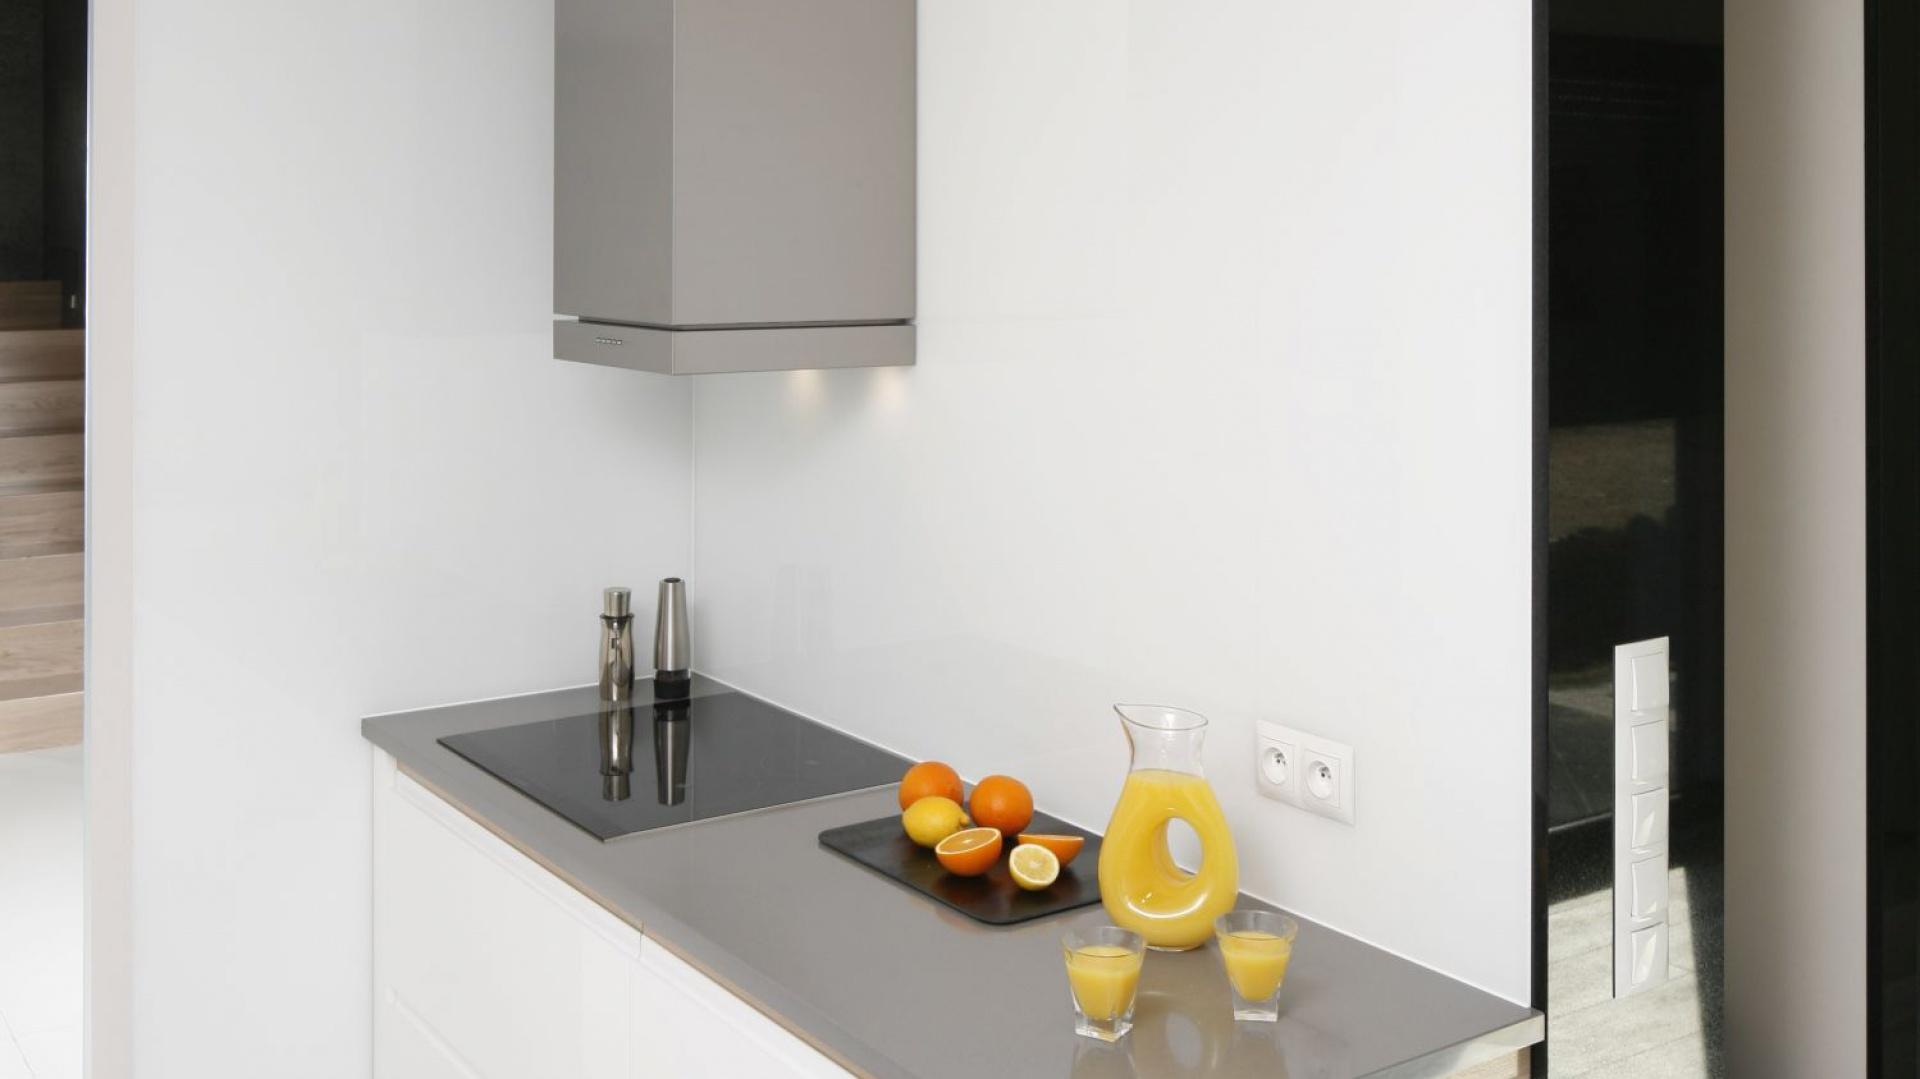 Dominującą w przestrzeni kuchni biel przełamano ocieplającym ją wizualnie drewnem dębowym oraz szarym, konglomeratowym blatem. Projekt: Marta Kilan. Fot. Bartosz Jarosz.